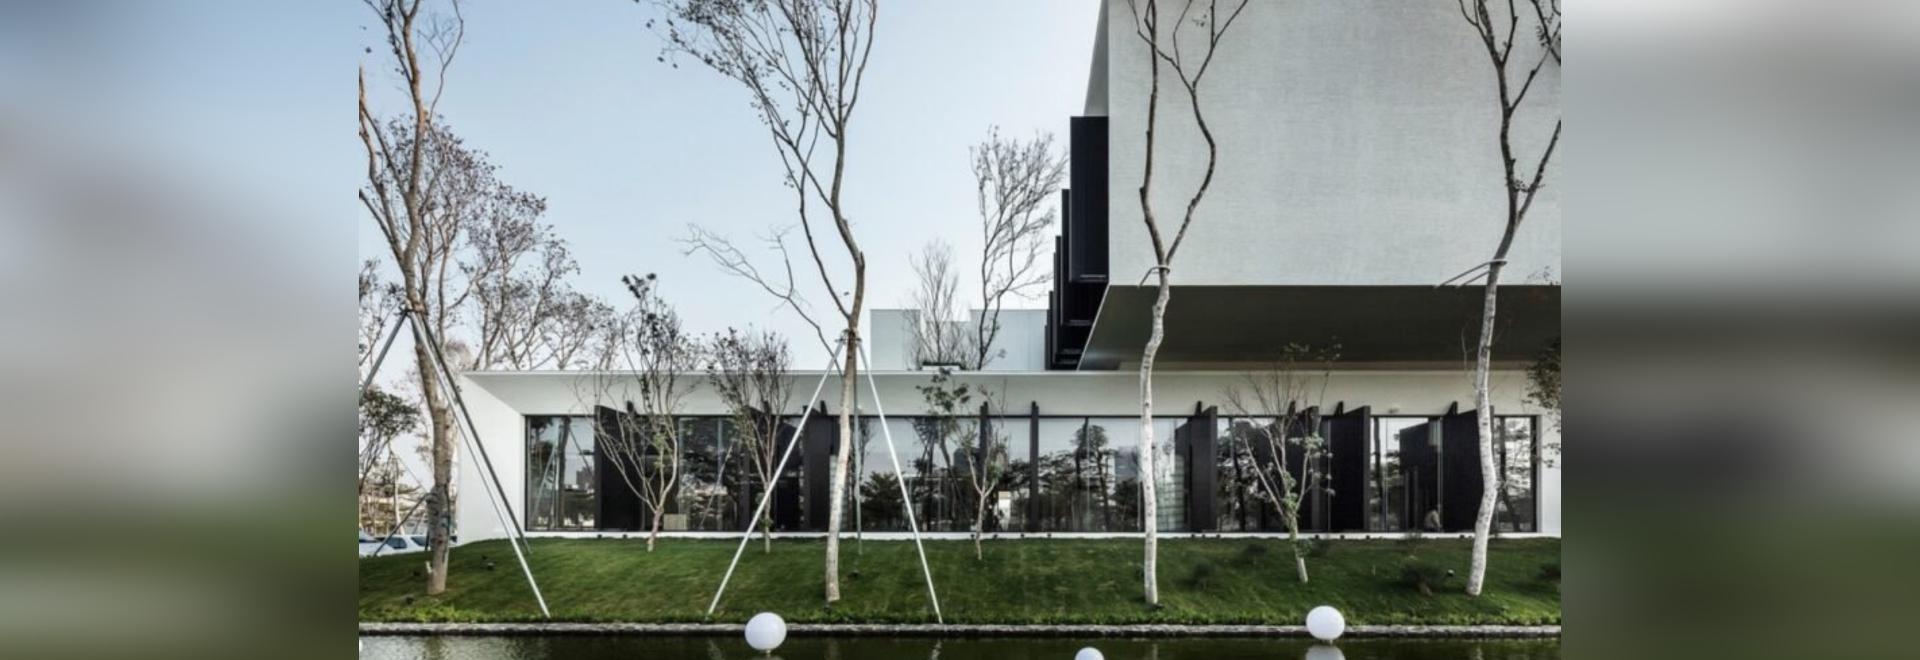 Modulare Materialien bilden ein umweltfreundliches Restaurant in Taiwan